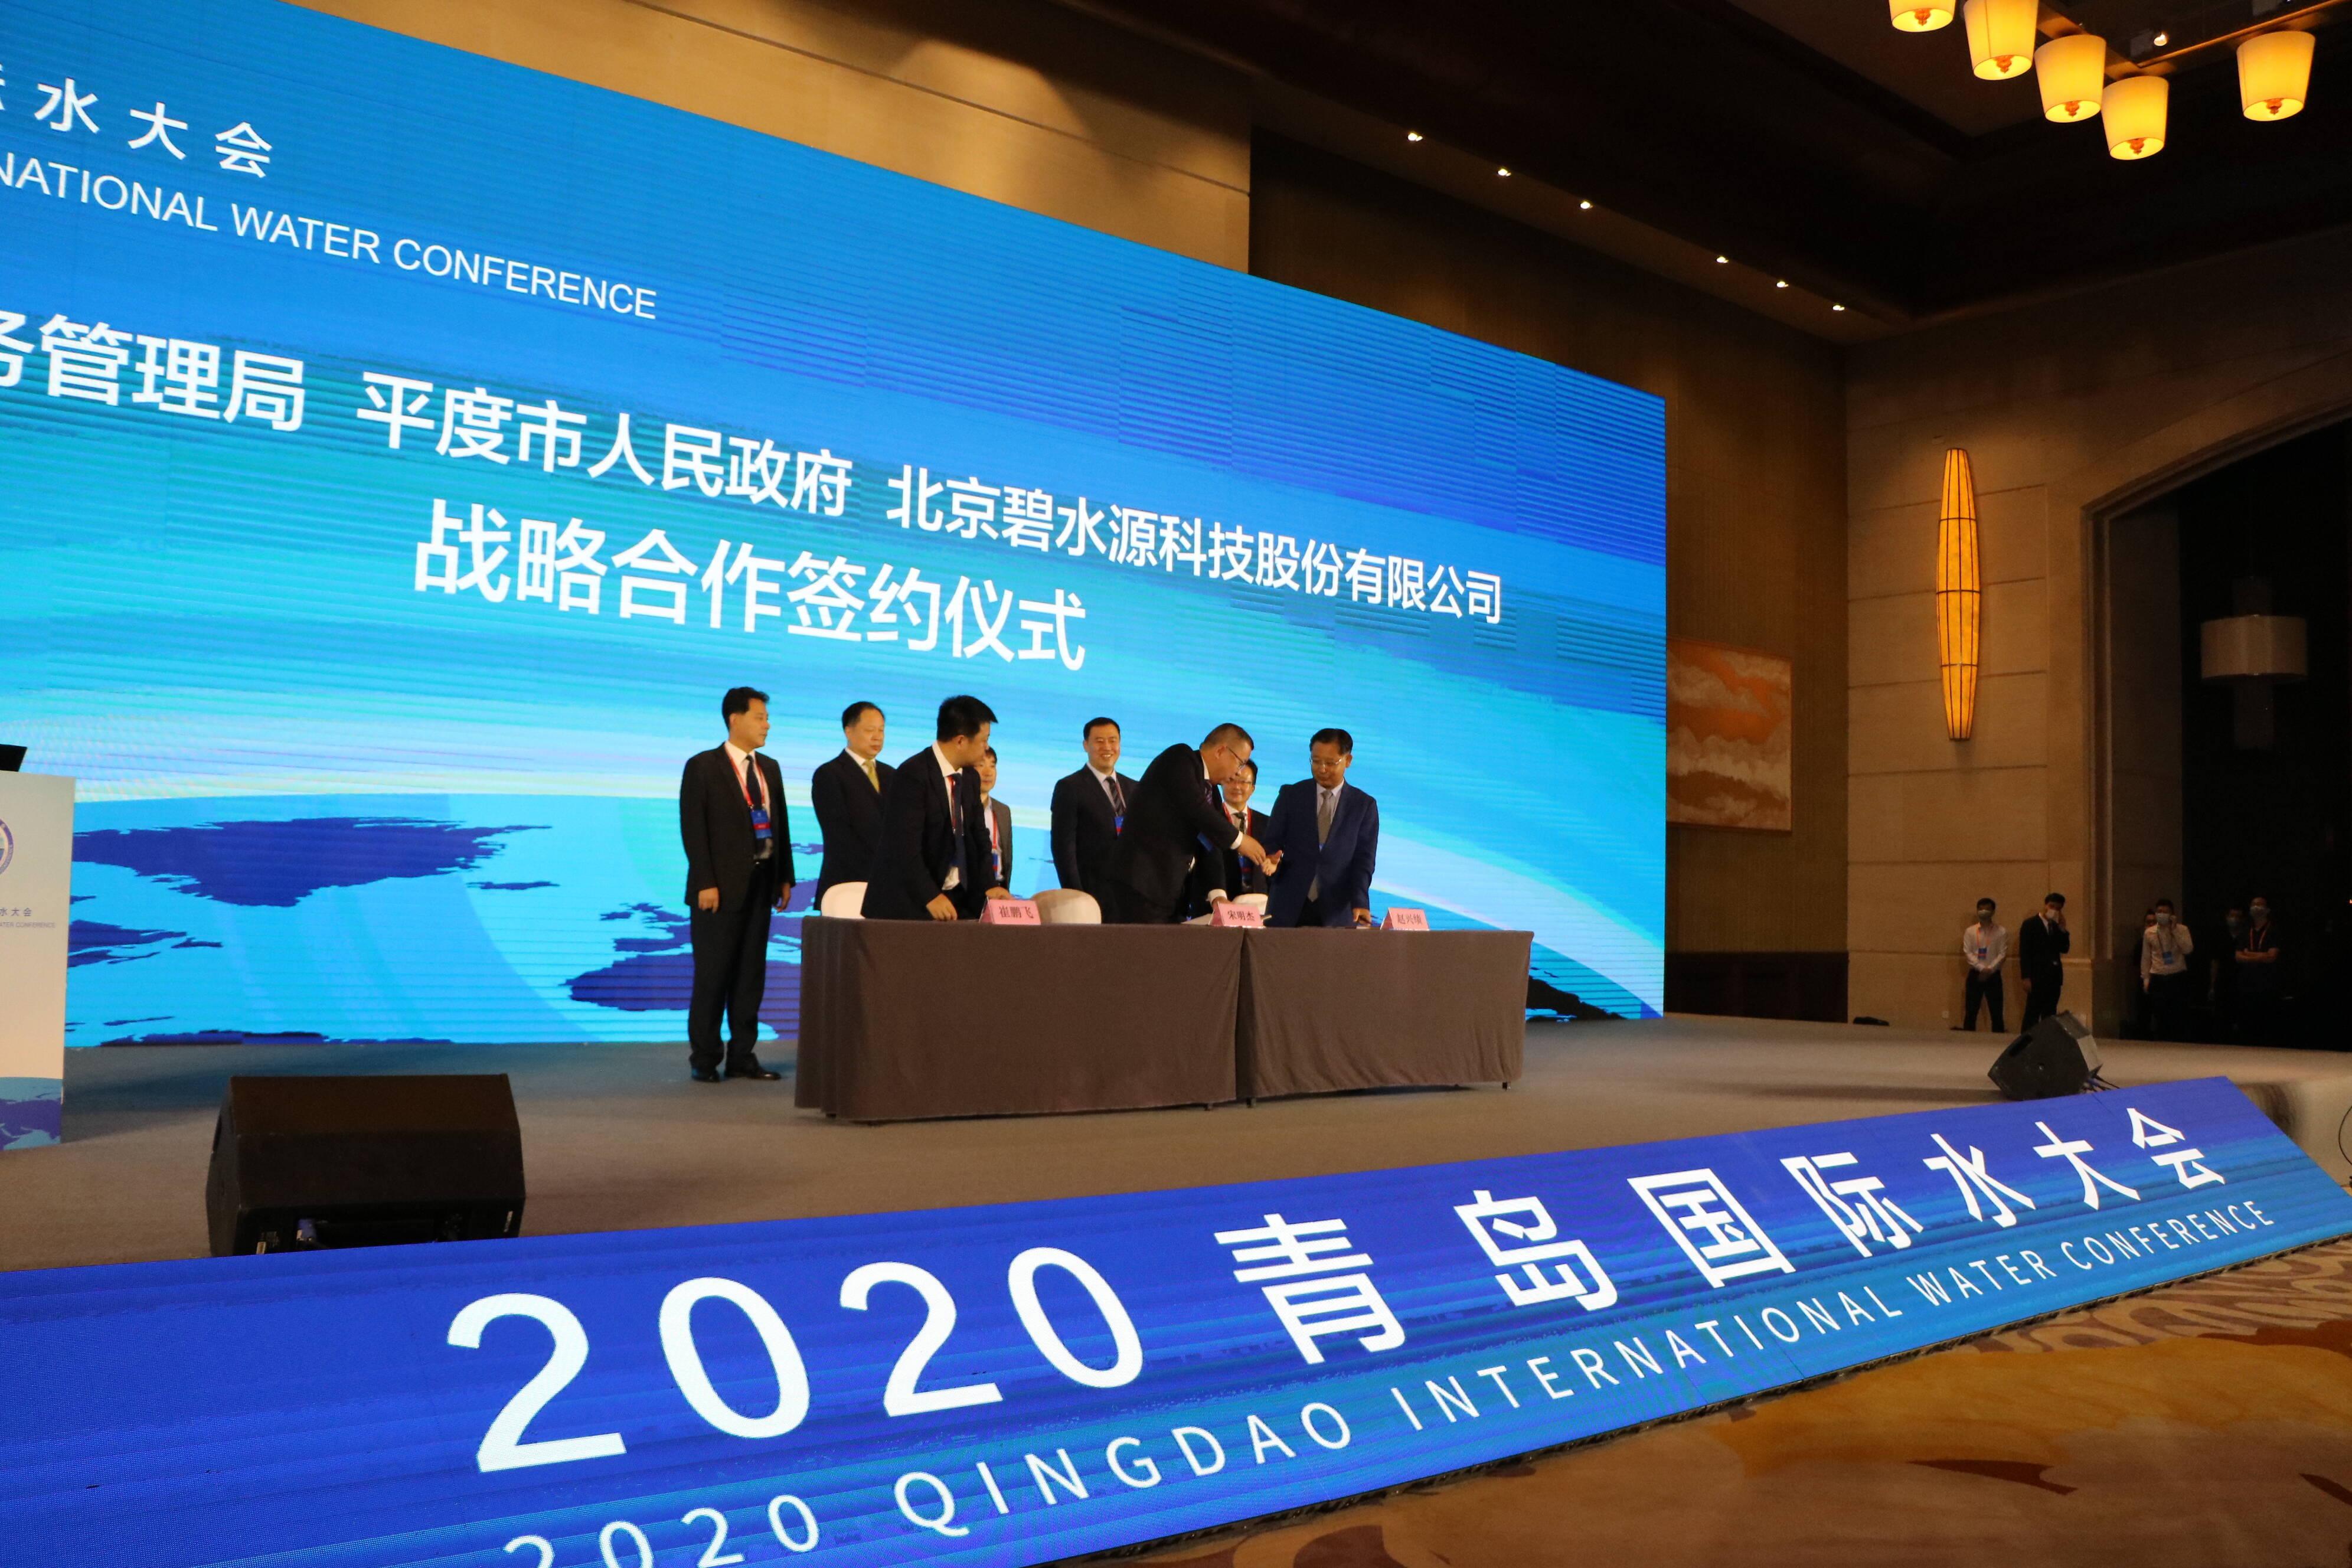 ▲节水与水处理工业高质量制造产业联盟在大会上成立。